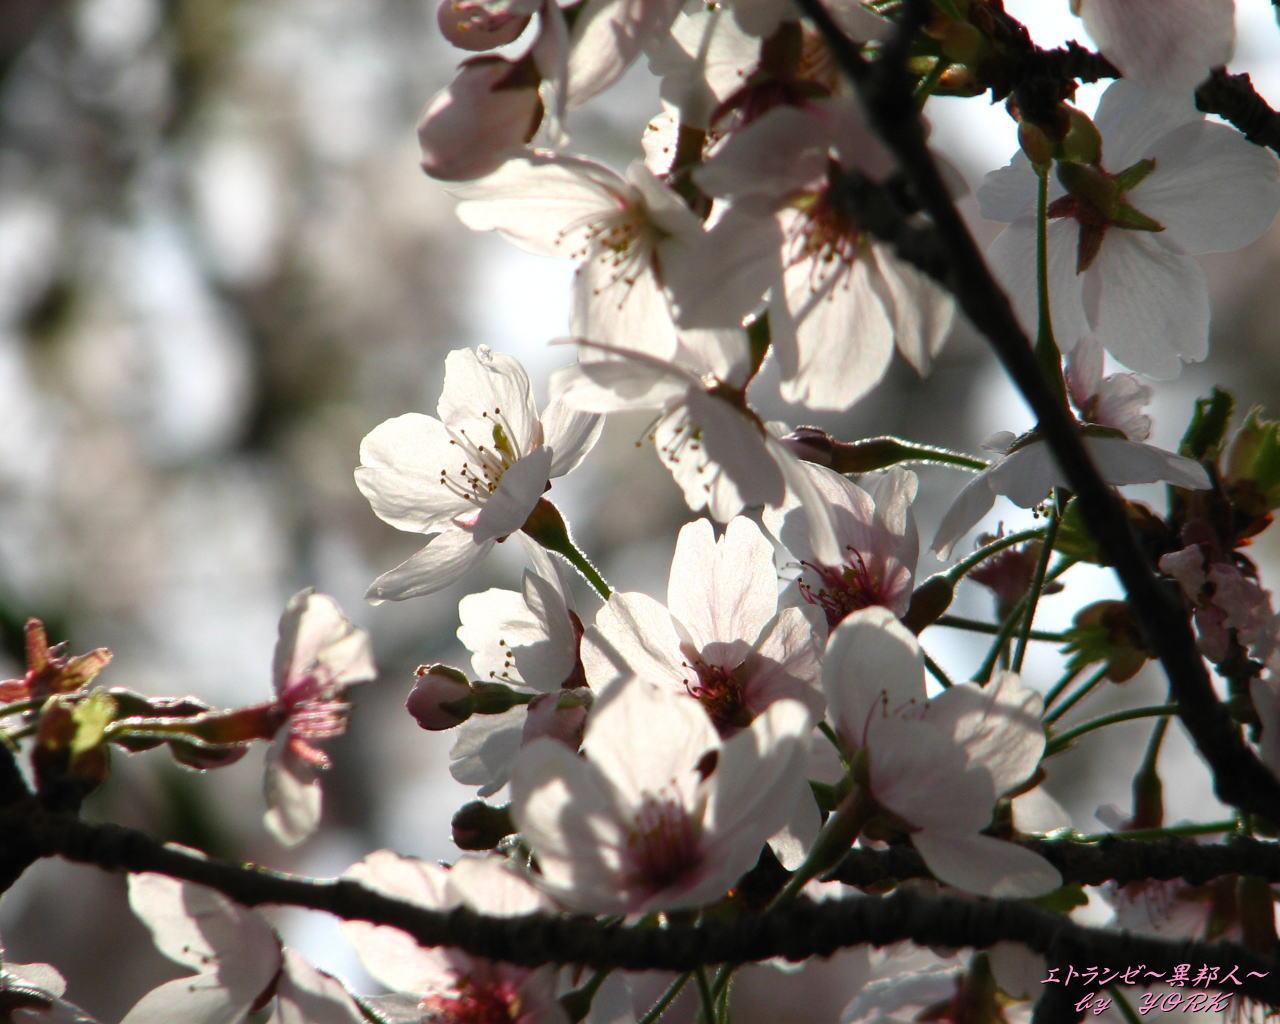 壁紙 0273桜光に透けて1280×1024